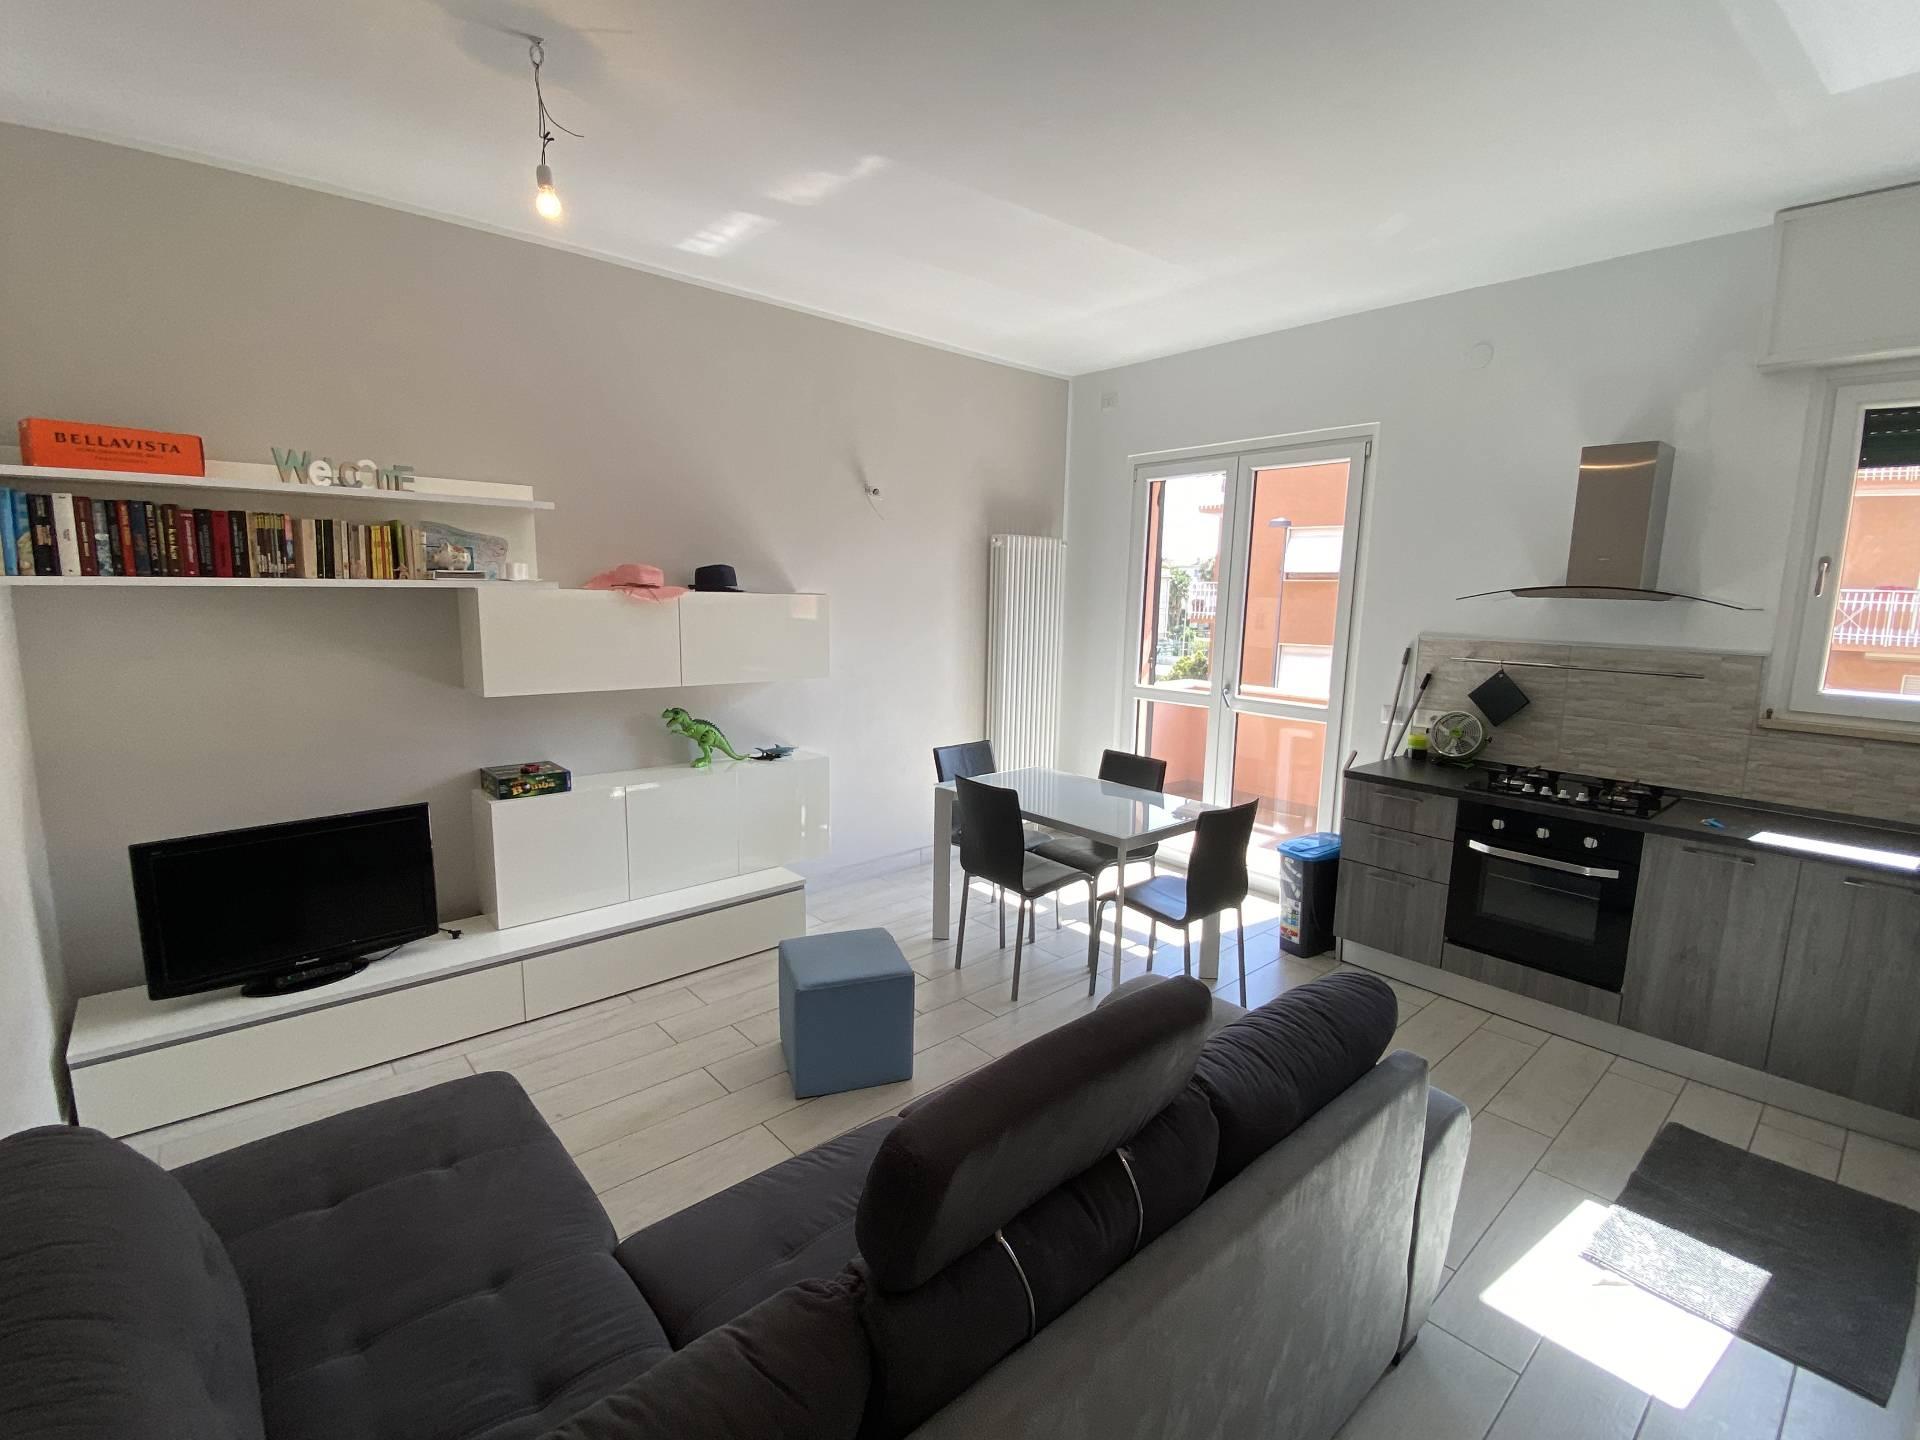 Appartamento in vendita a Borgio Verezzi, 3 locali, prezzo € 320.000   CambioCasa.it